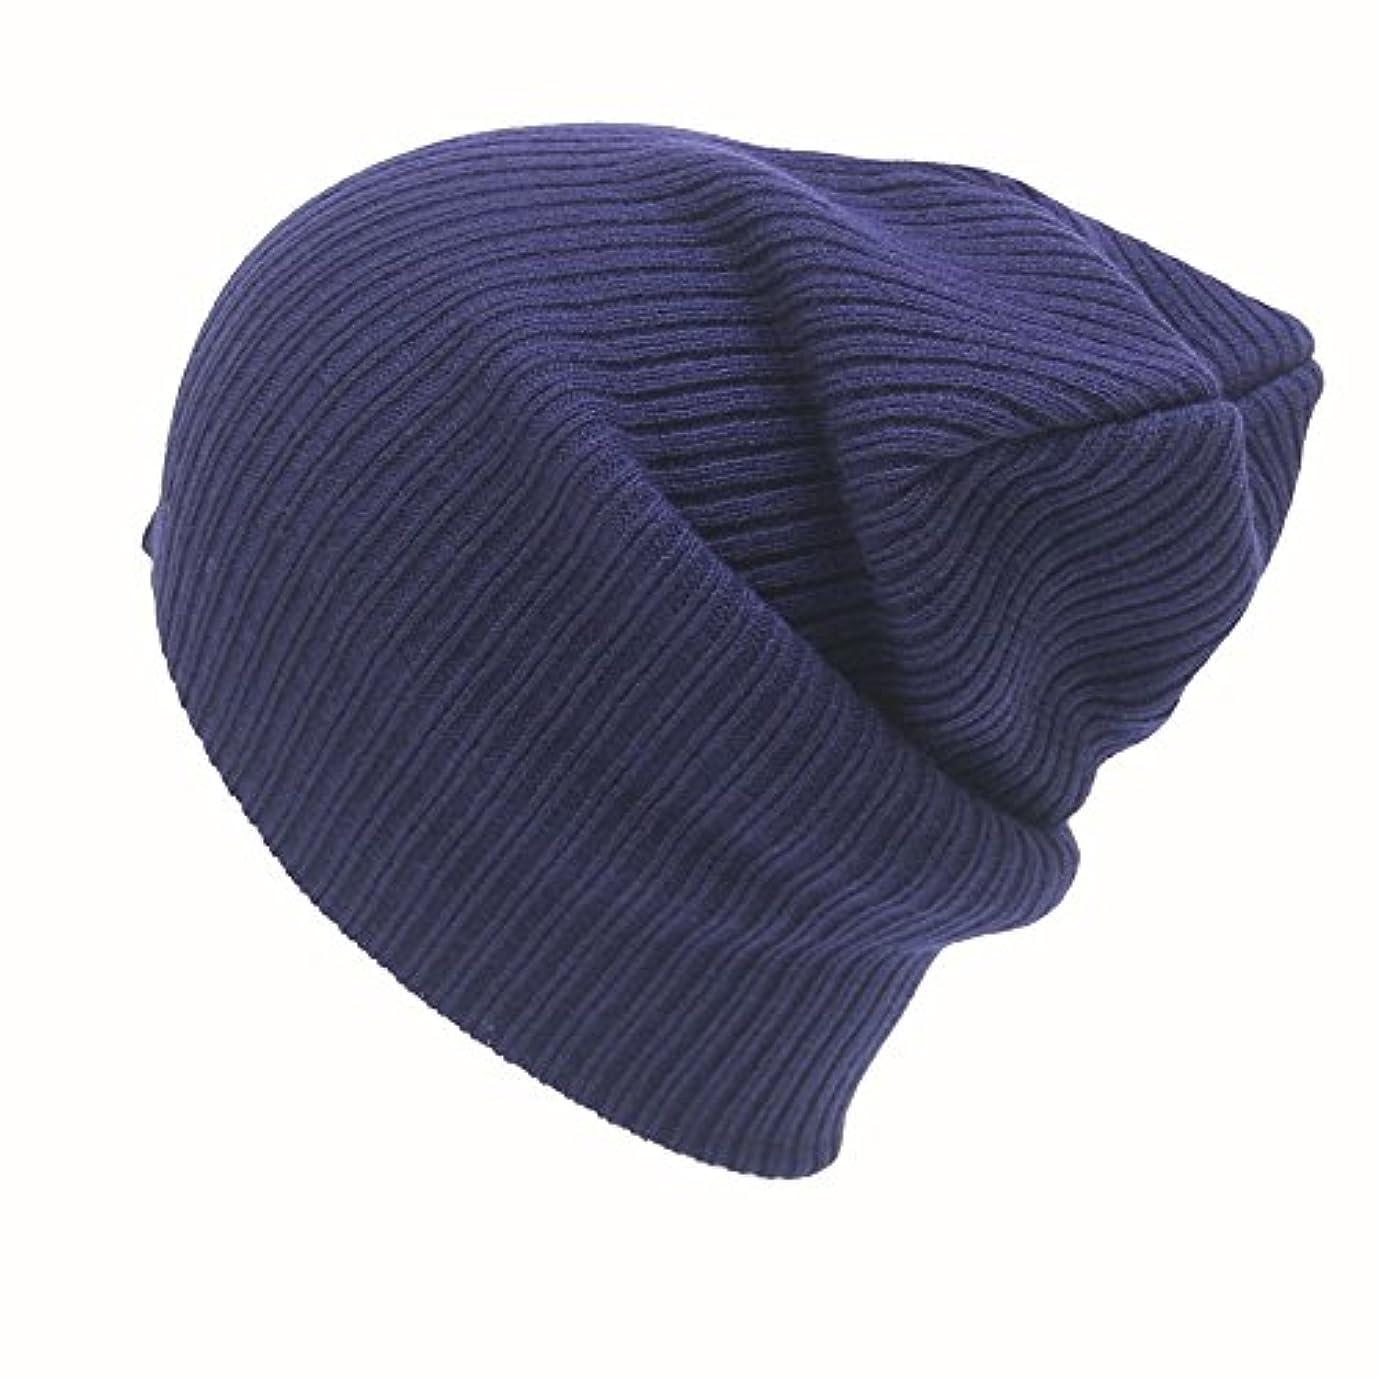 マニアック領収書フレッシュRacazing 選べる7色 ニット帽 編み物 ストライプ ニット帽 防寒対策 通気性のある 防風 暖かい 軽量 屋外 スキー 自転車 クリスマス Hat 男女兼用 (ネービー)